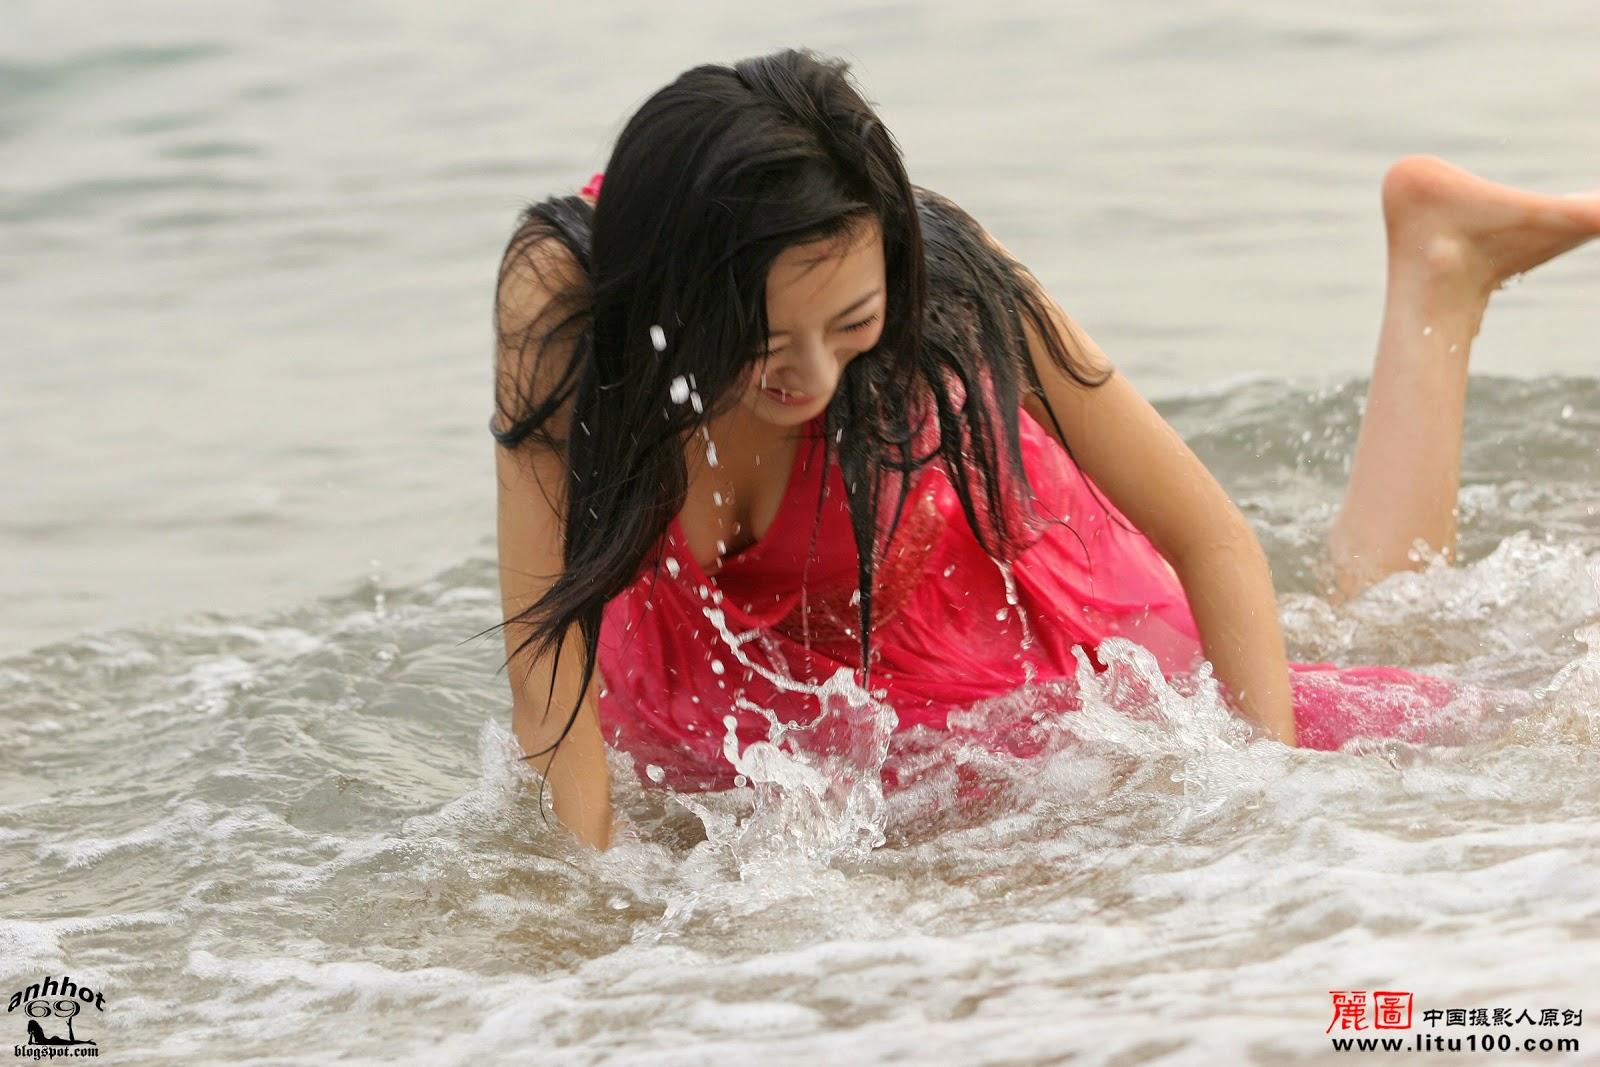 litu-200600819-zhang-tian-yi-sea_IMG_7107